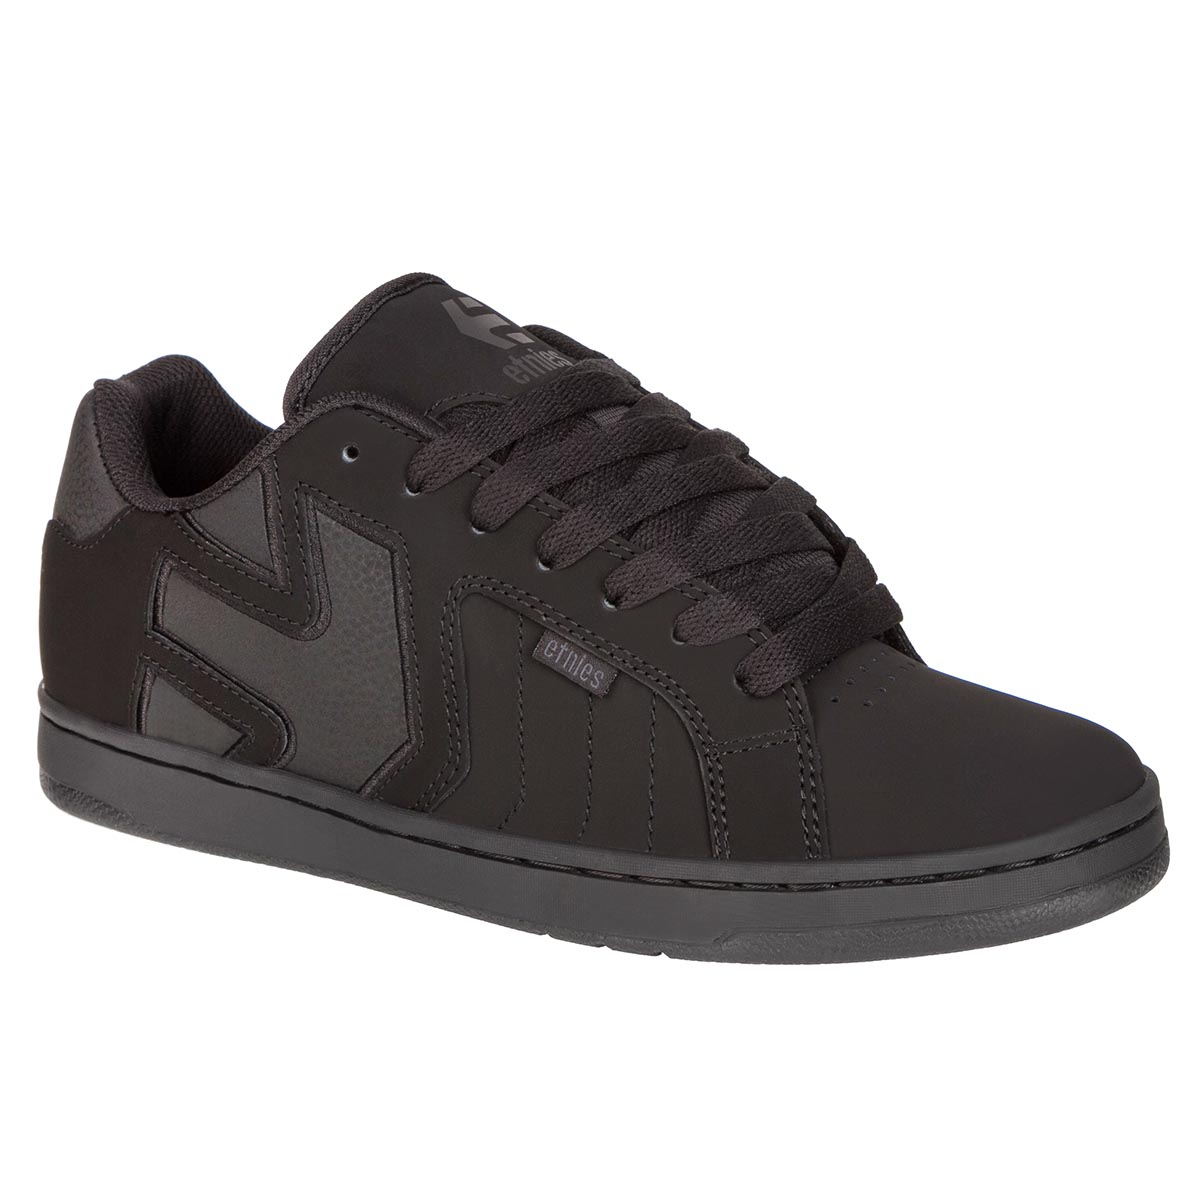 Etnies Schuhe Fader 2 Schwarz/Schwarz/Schwarz